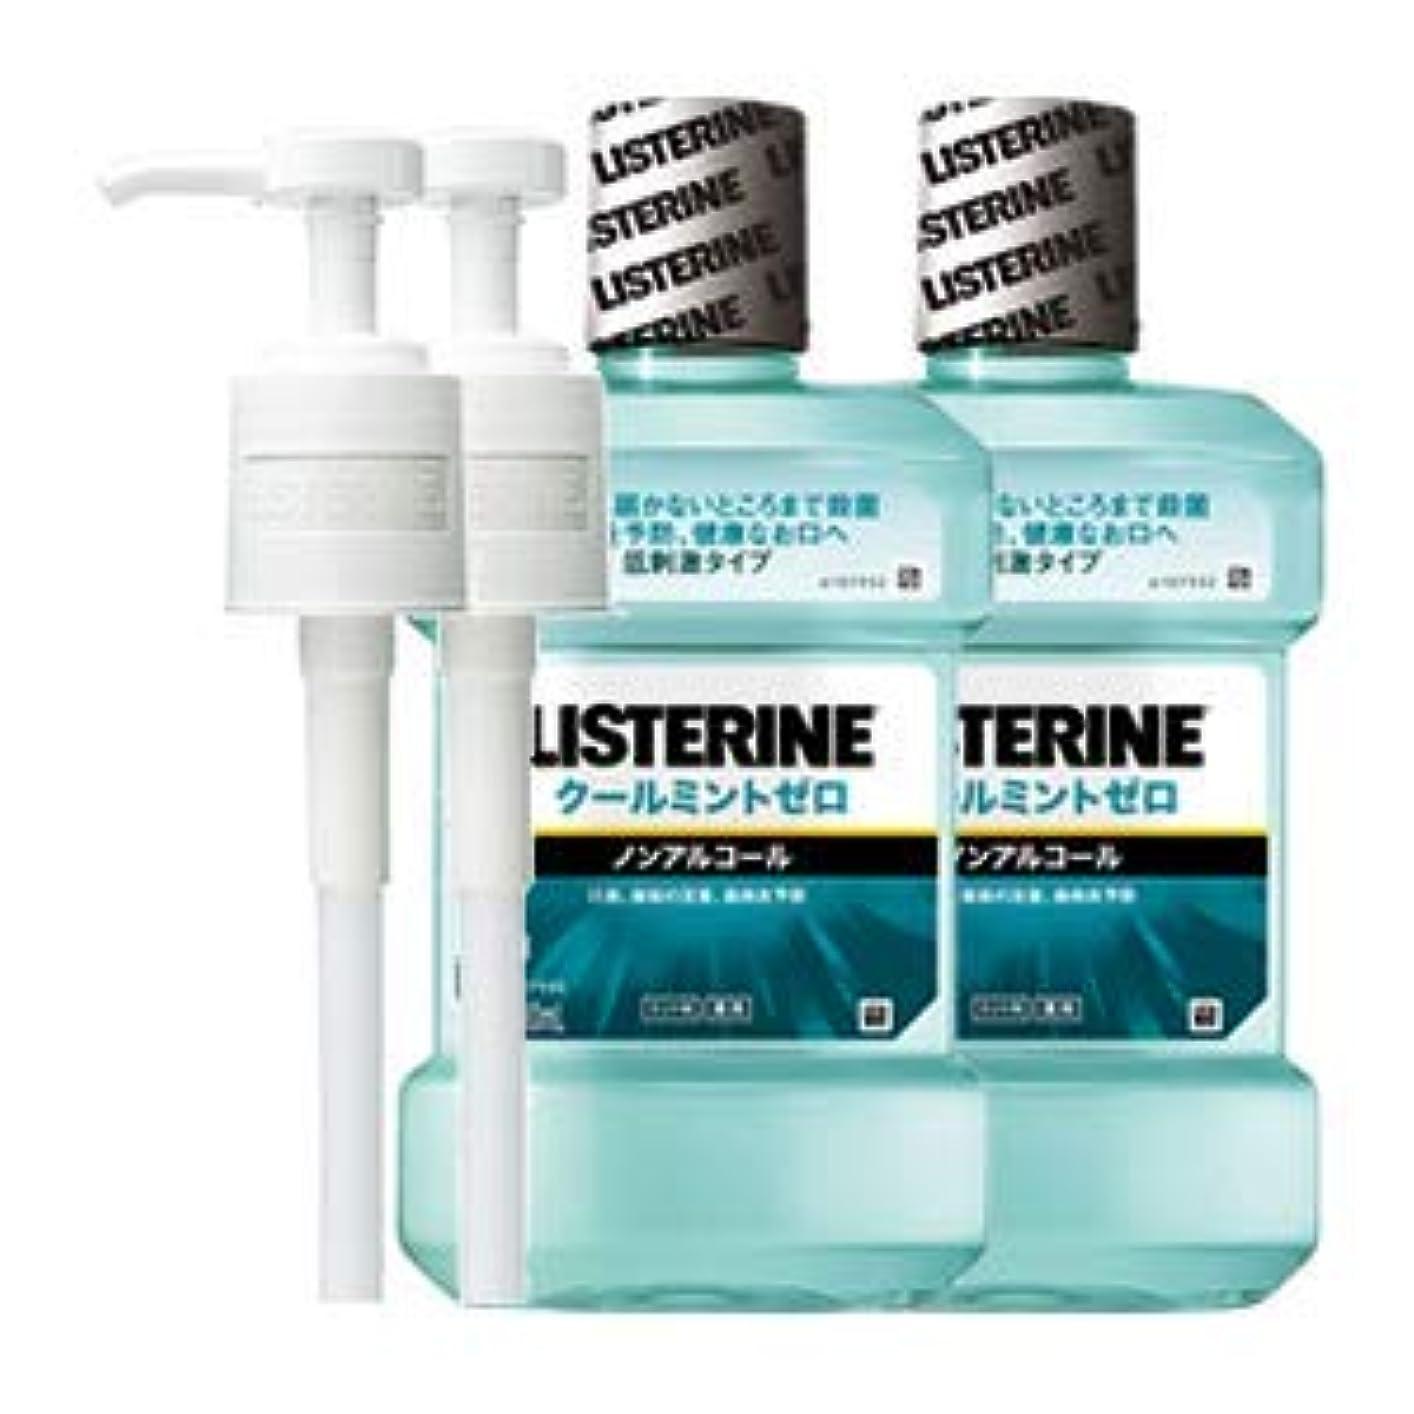 合併固めるスリラー薬用 リステリン クールミント ゼロ (マウスウォッシュ/洗口液) 1000mL 2点セット (ポンプ付)